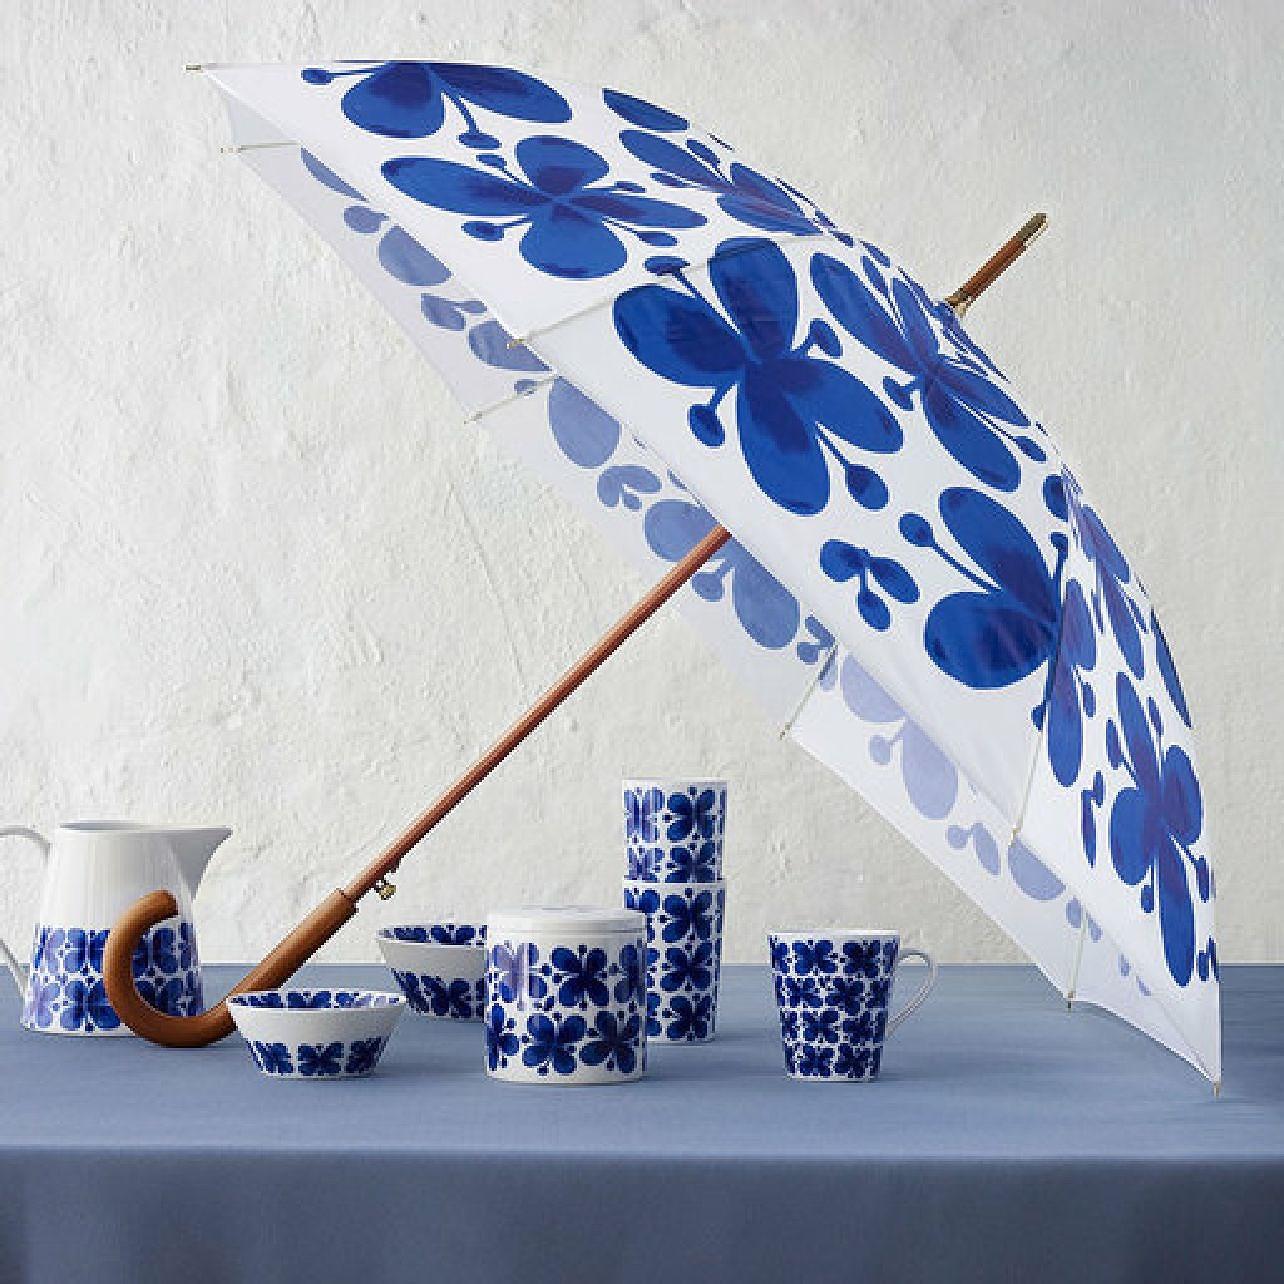 Åhléns köp Mon Amie produkter för 500kr och få en paraply värde 299kr